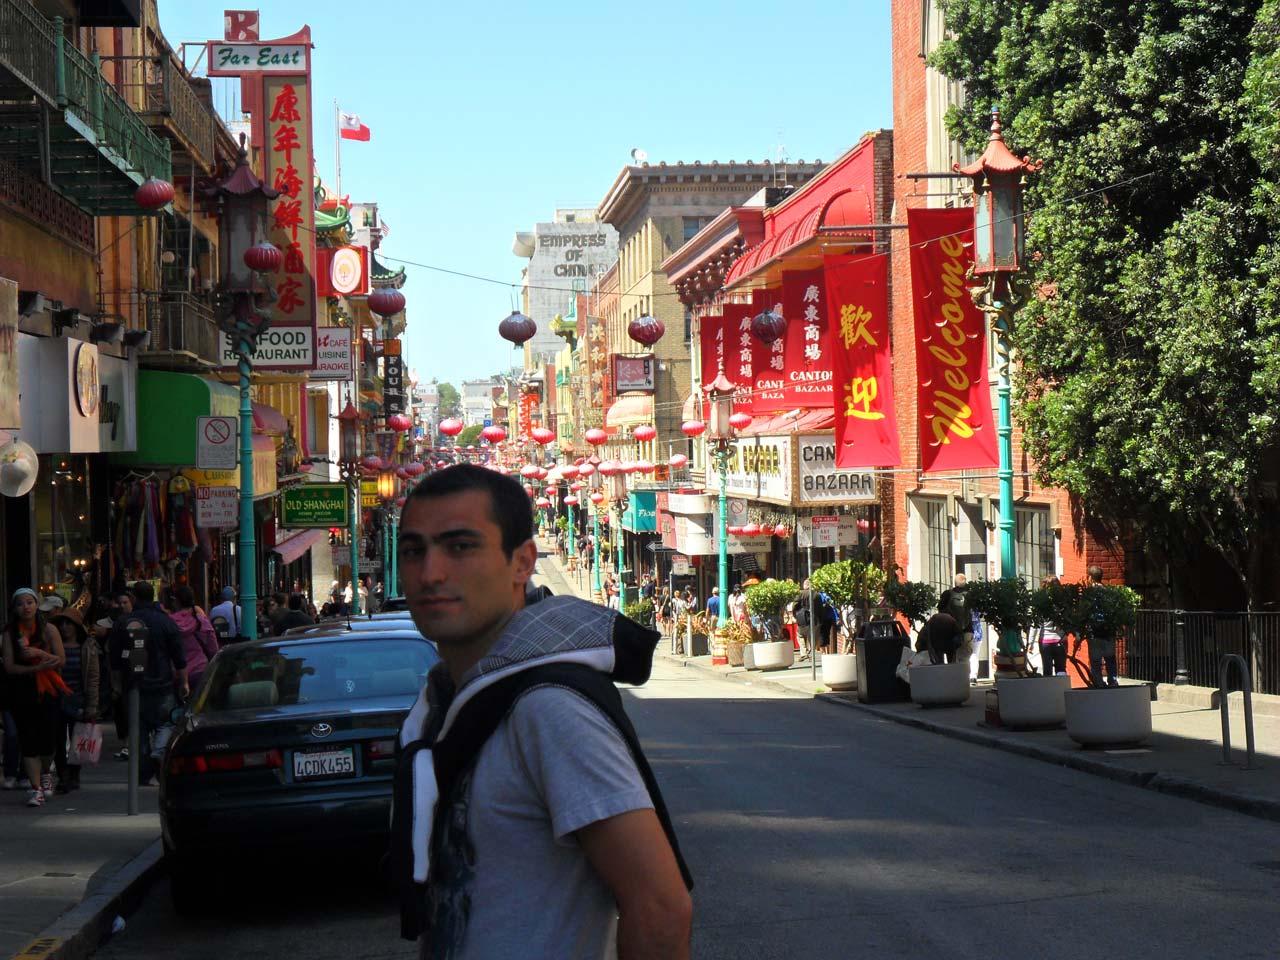 Kendimizi Çin'de hissettik diyebilirim..Zaten Uzakdoğu'ya karşı bir ilgim var 🙂